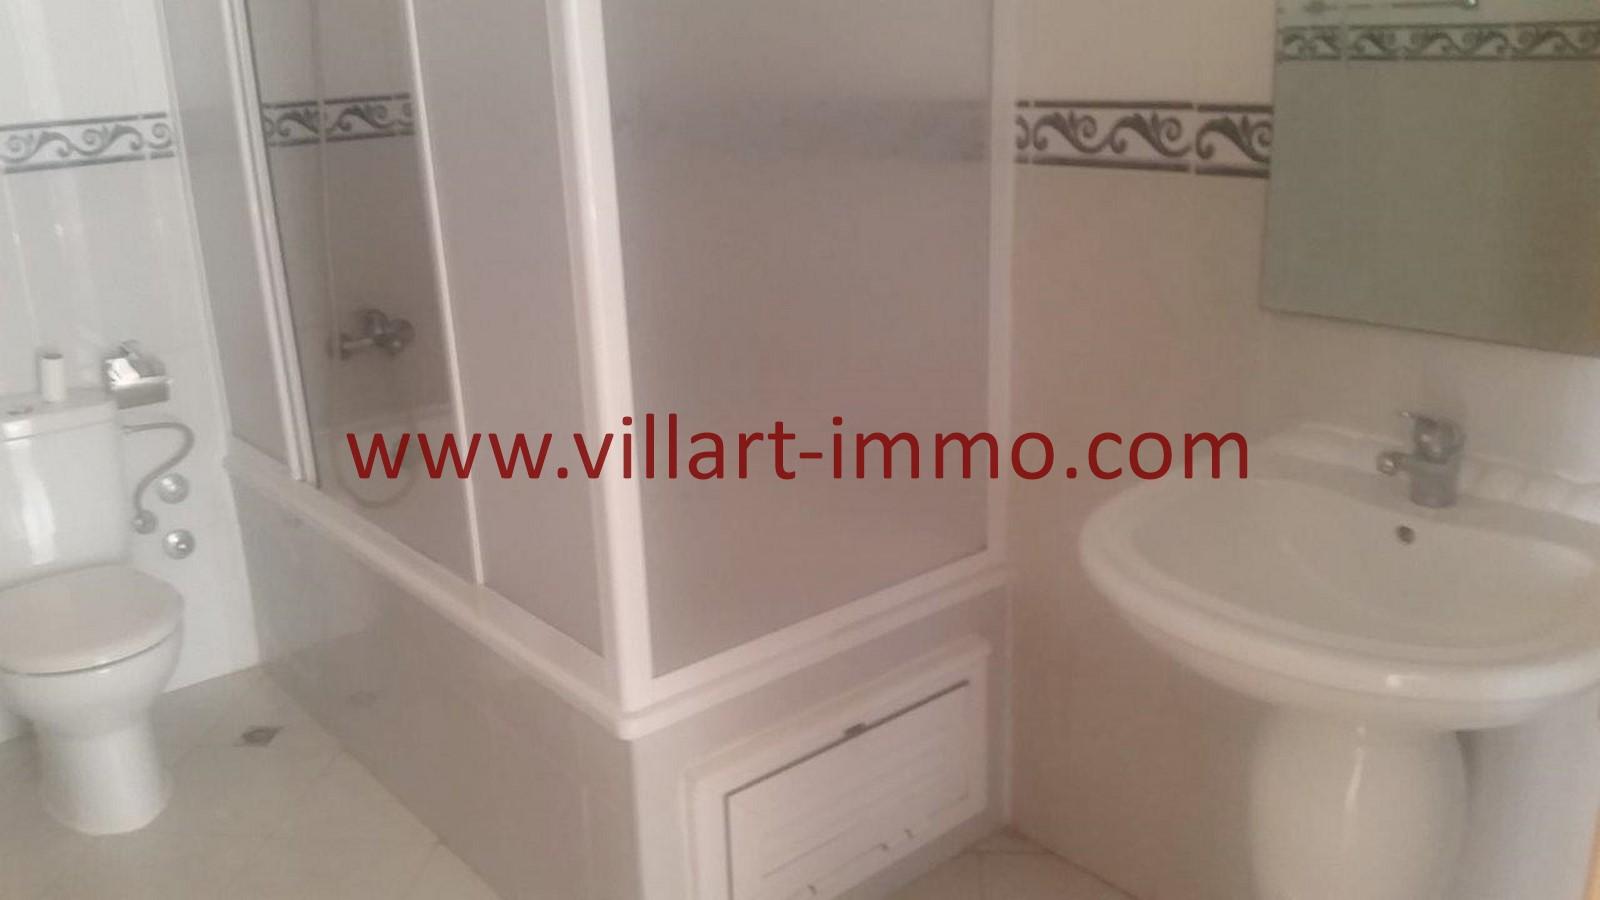 10-a-louer-villa-non-meuble-tanger-salle-de-bain-lv967-villart-immo